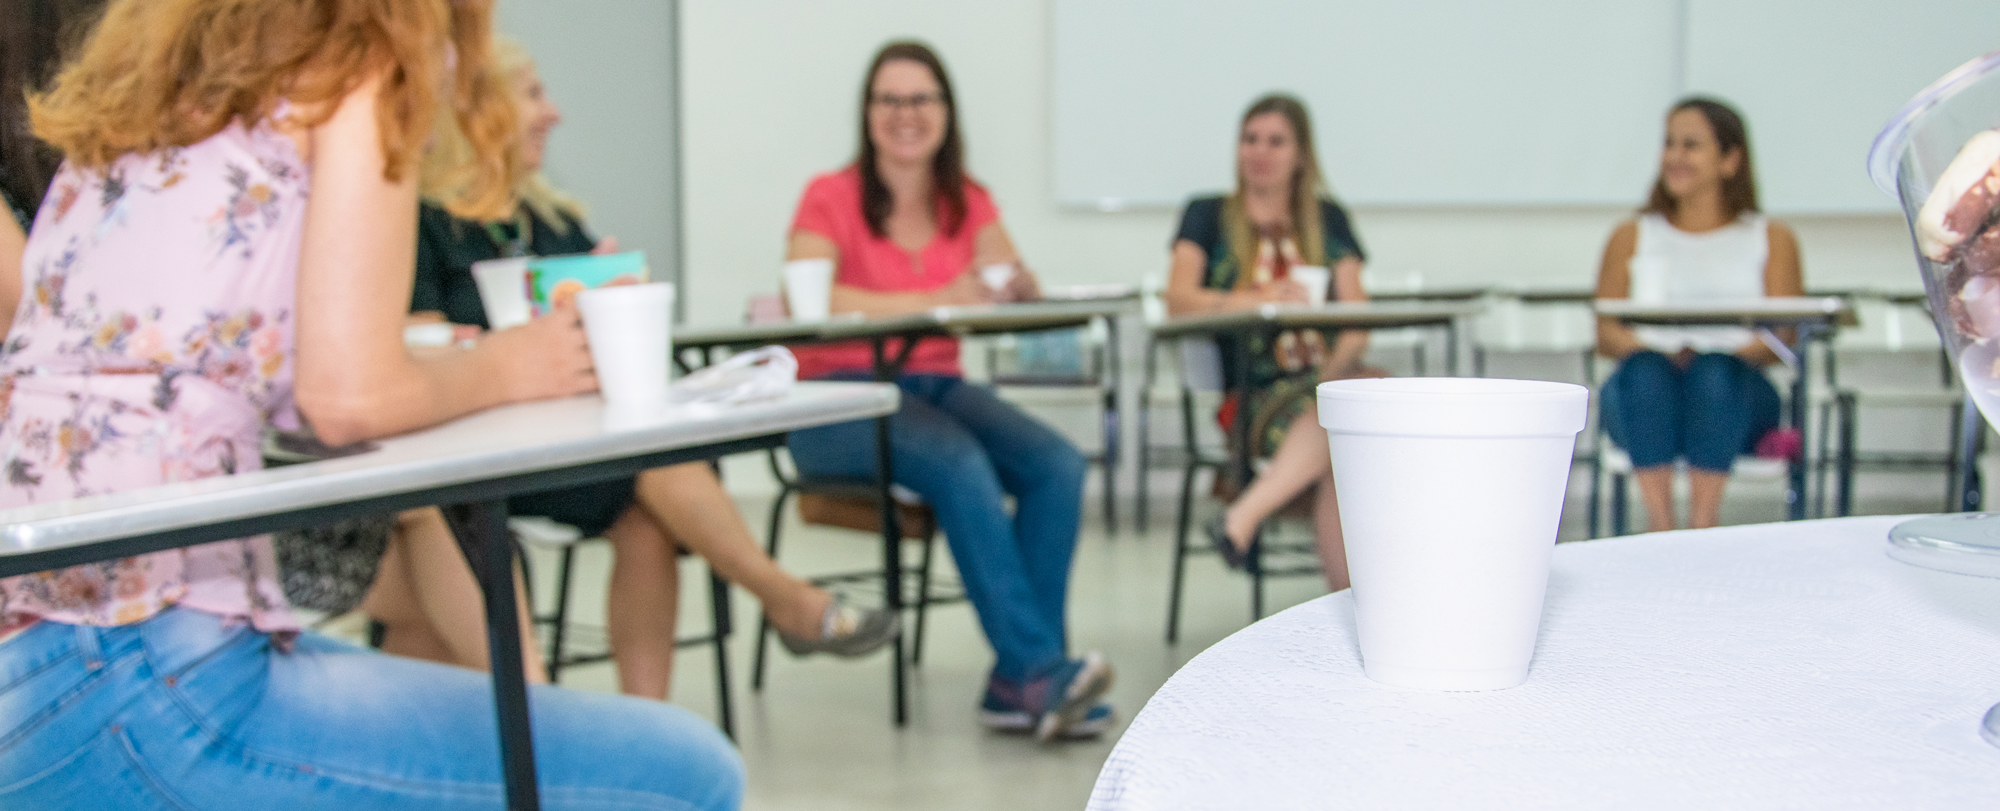 Chá em Roda de Conversa fomenta diálogo sobre saúde mental na infância